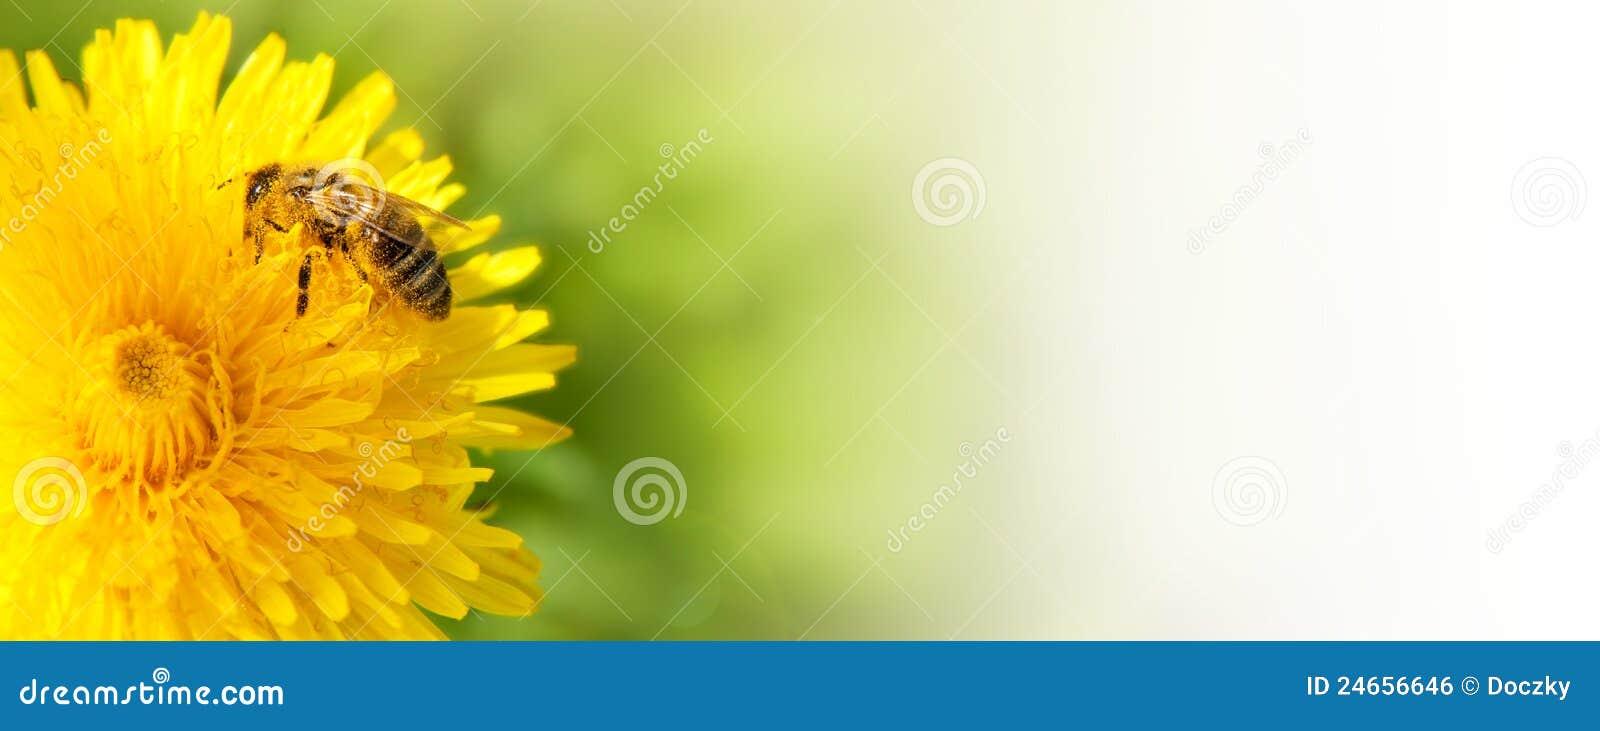 收集蒲公英花蜂蜜花蜜的蜂